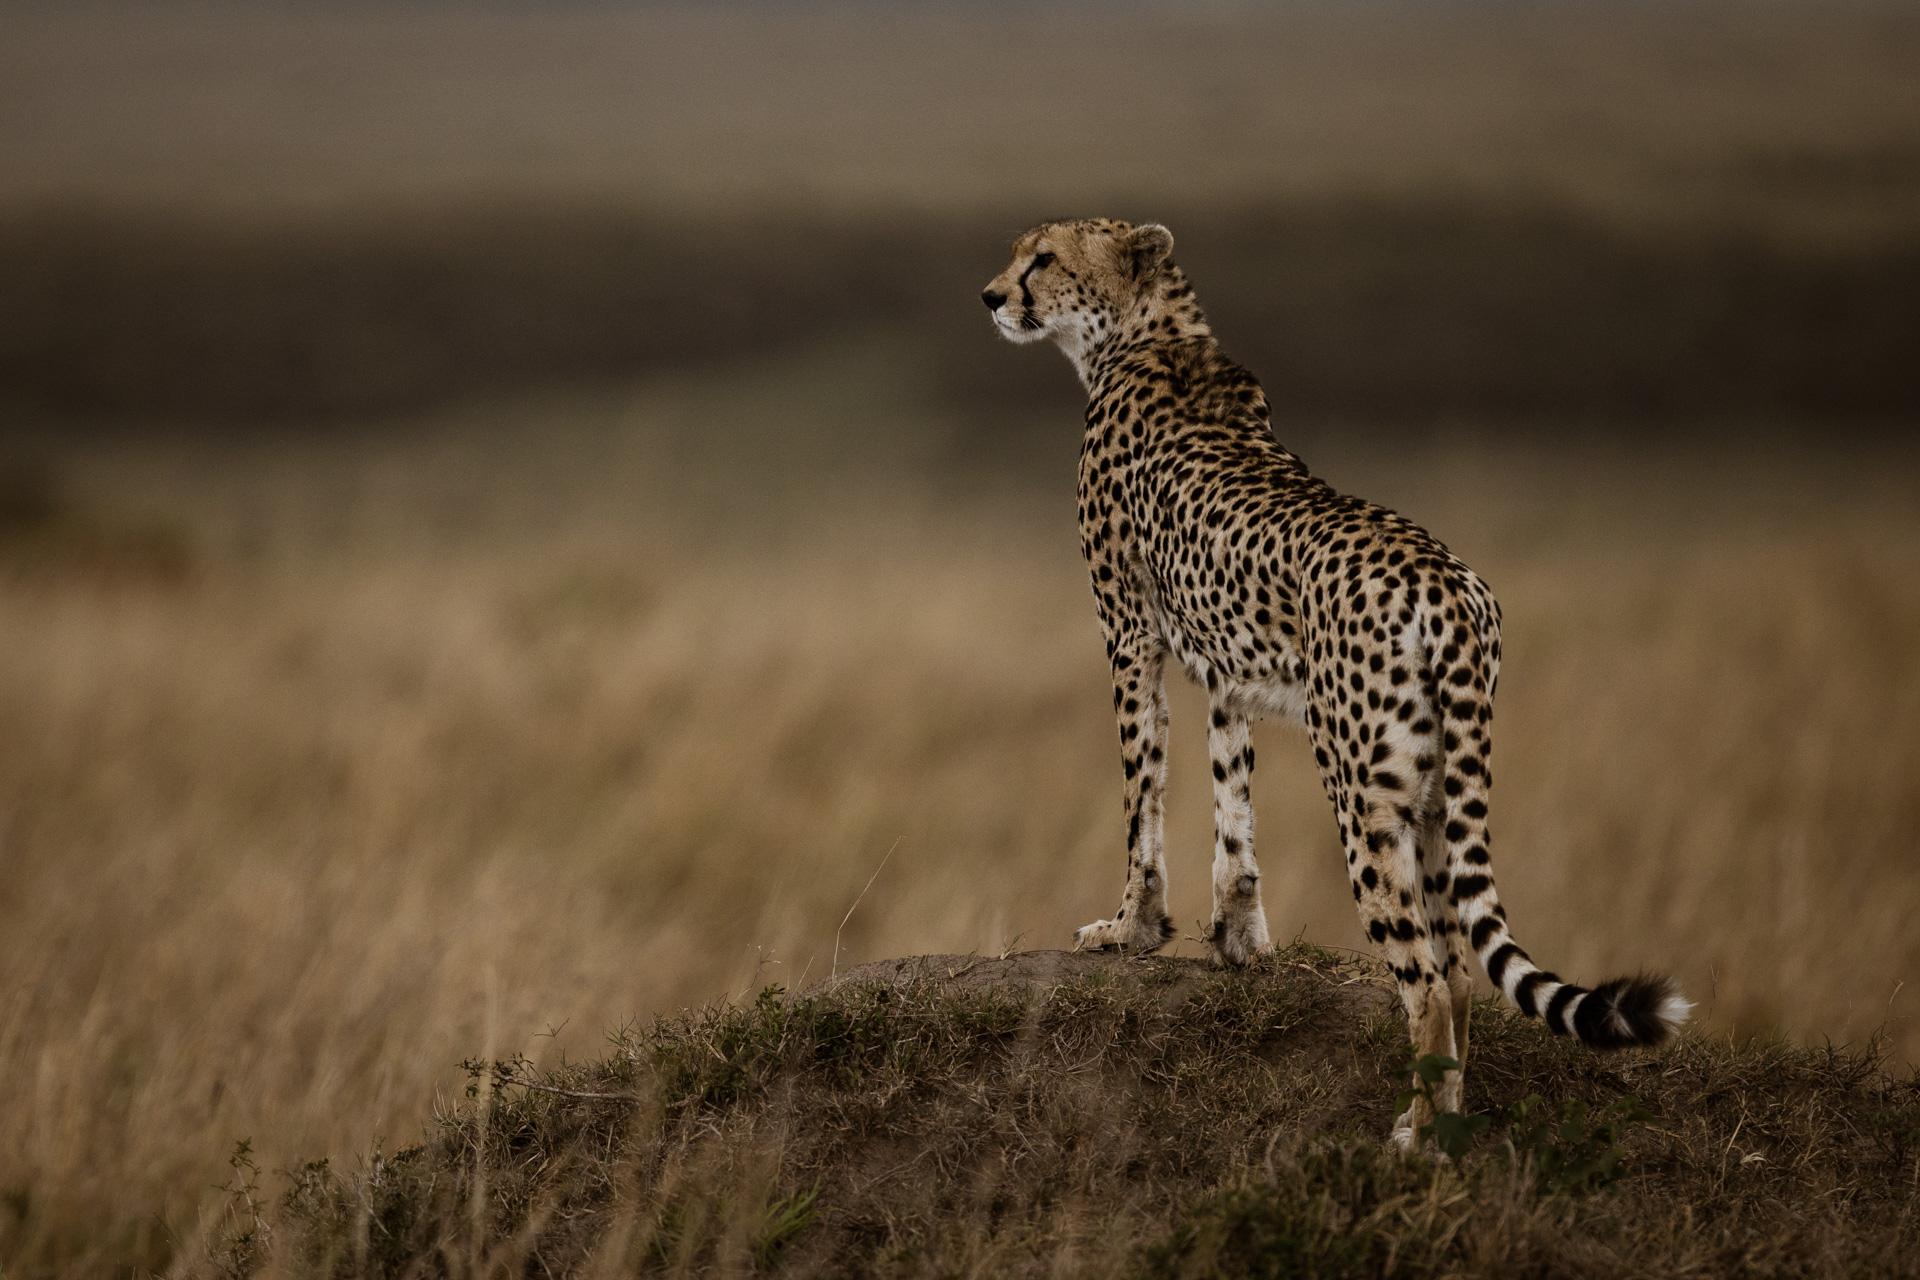 Cheetah standing on mound